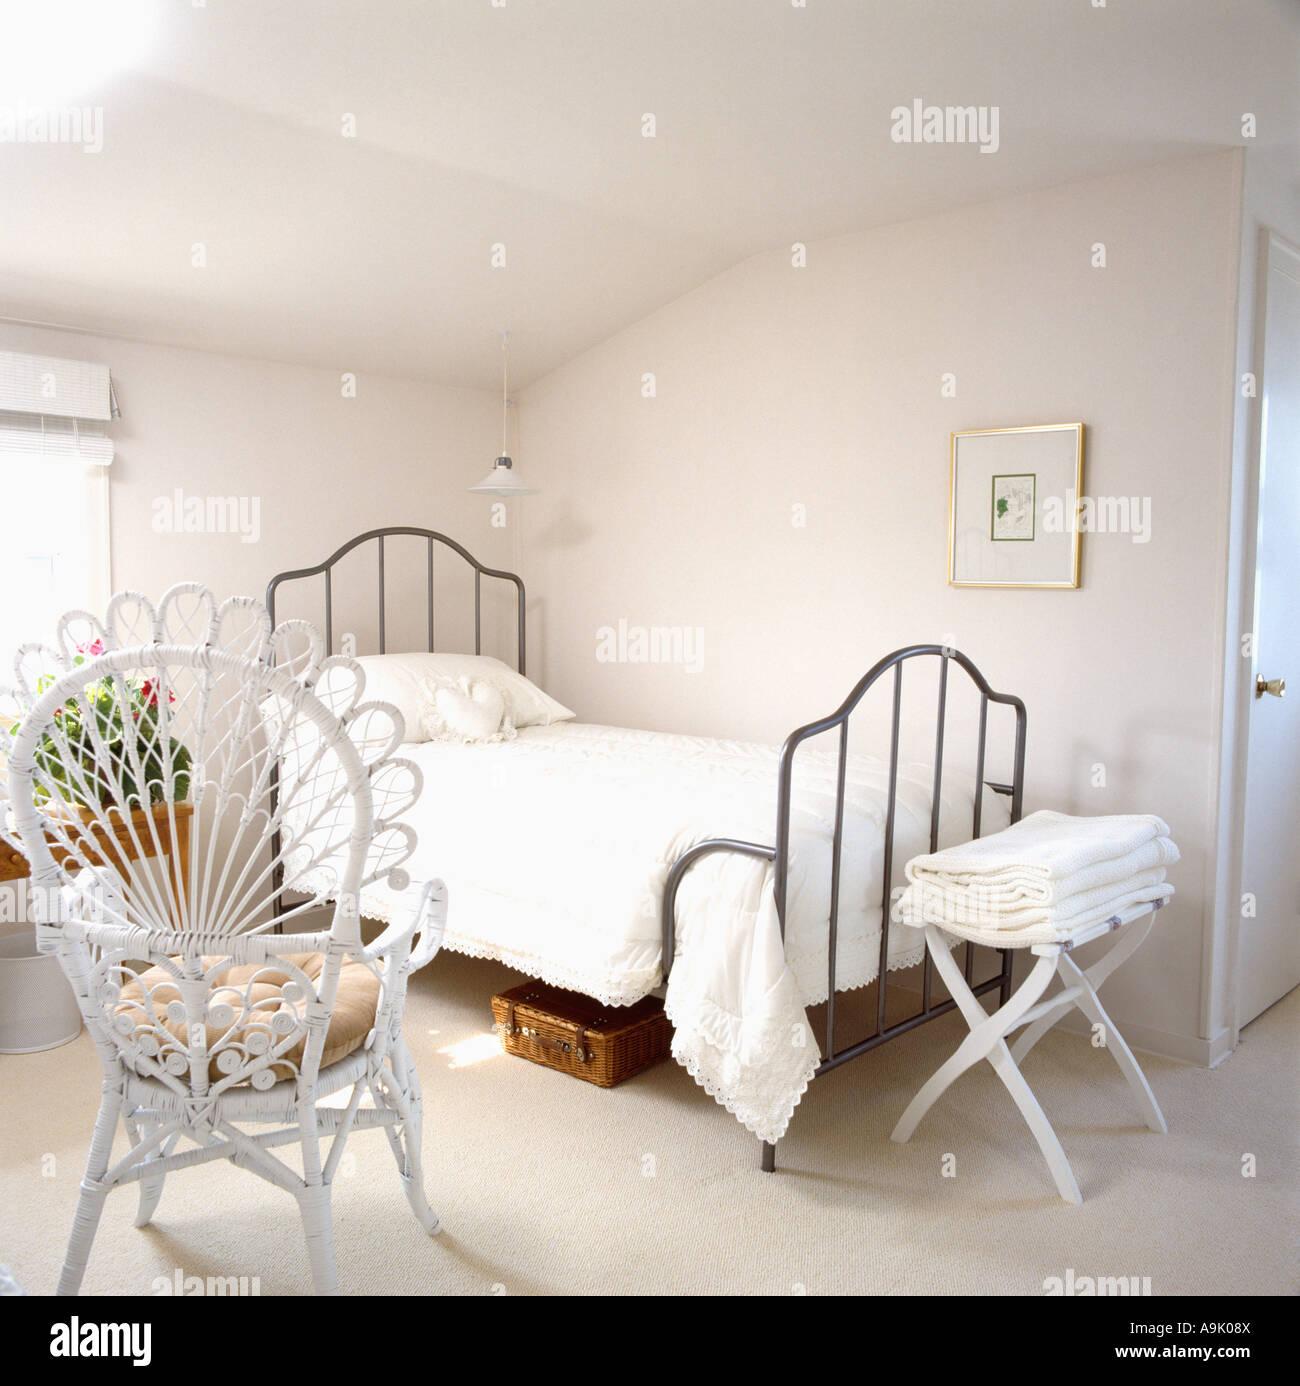 Wei er pfau stuhl in einfache wei e schlafzimmer mit schwarzen einzelnes bettgestell und wei em - Stuhl schlafzimmer ...